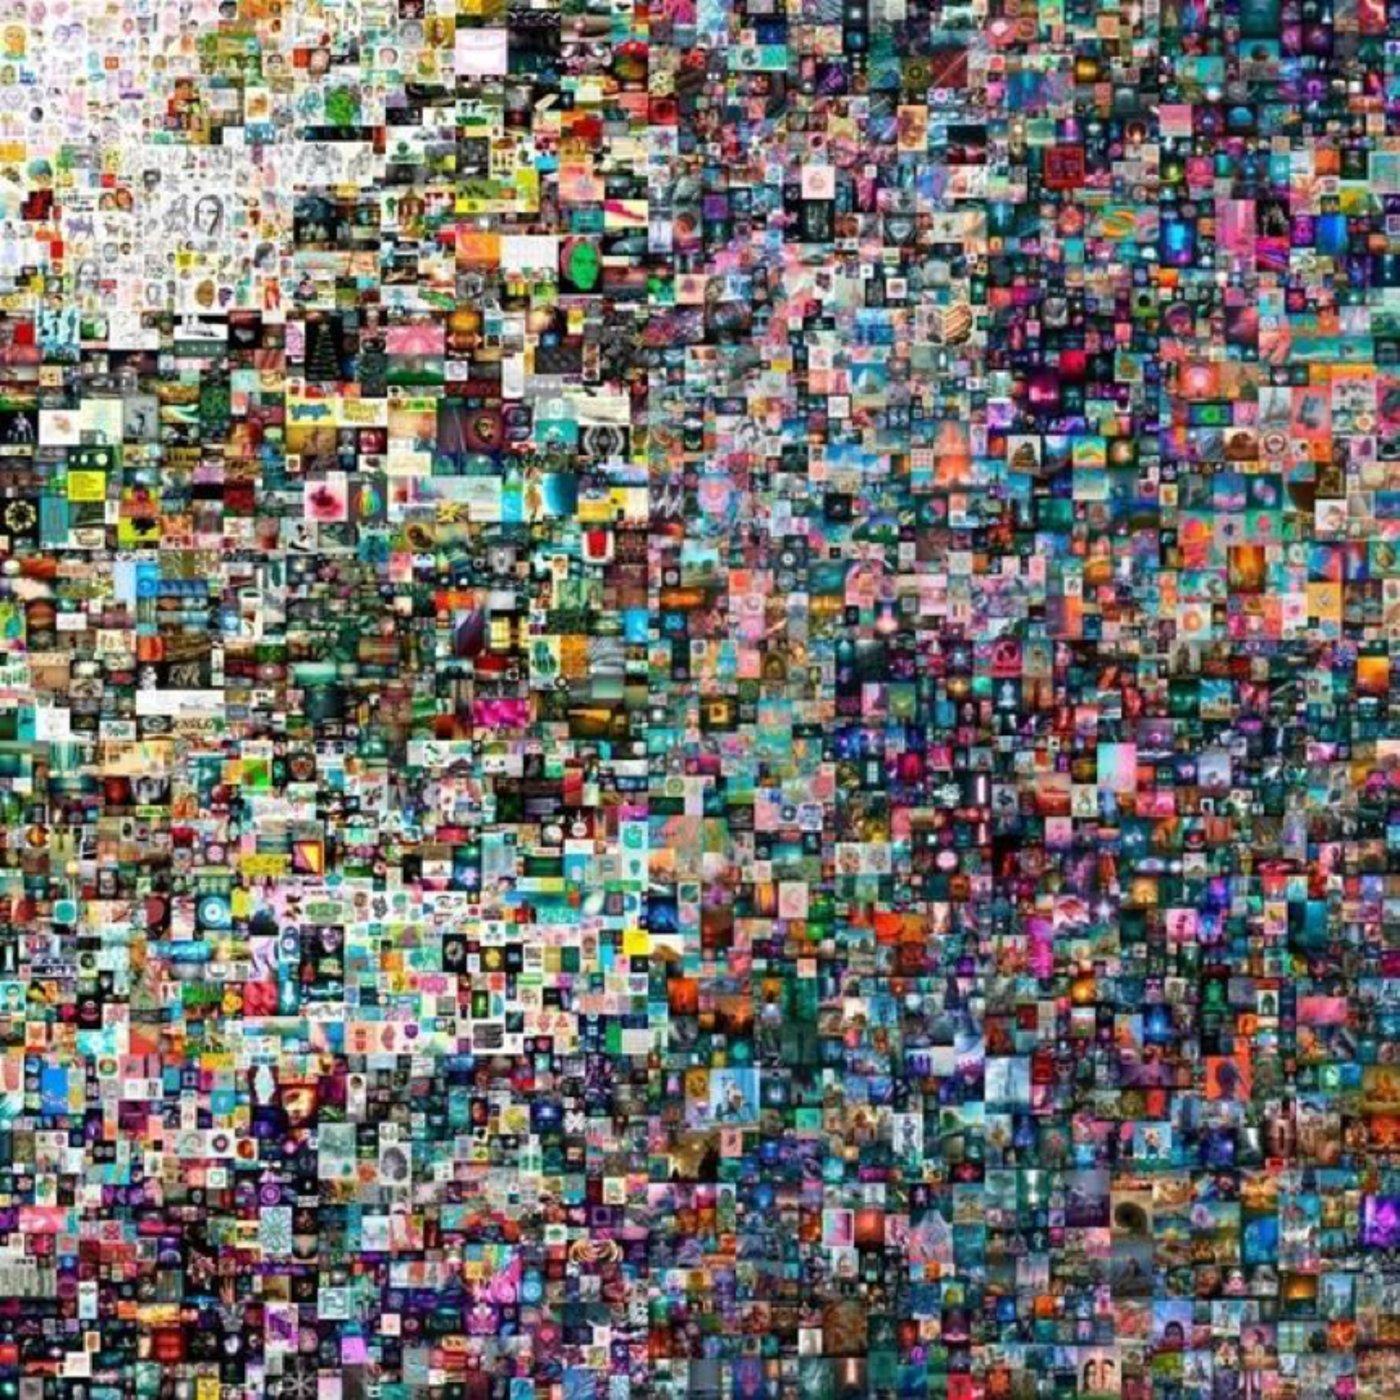 数字艺术家Beeple的NFT数字艺术品《每一天:前5000天》